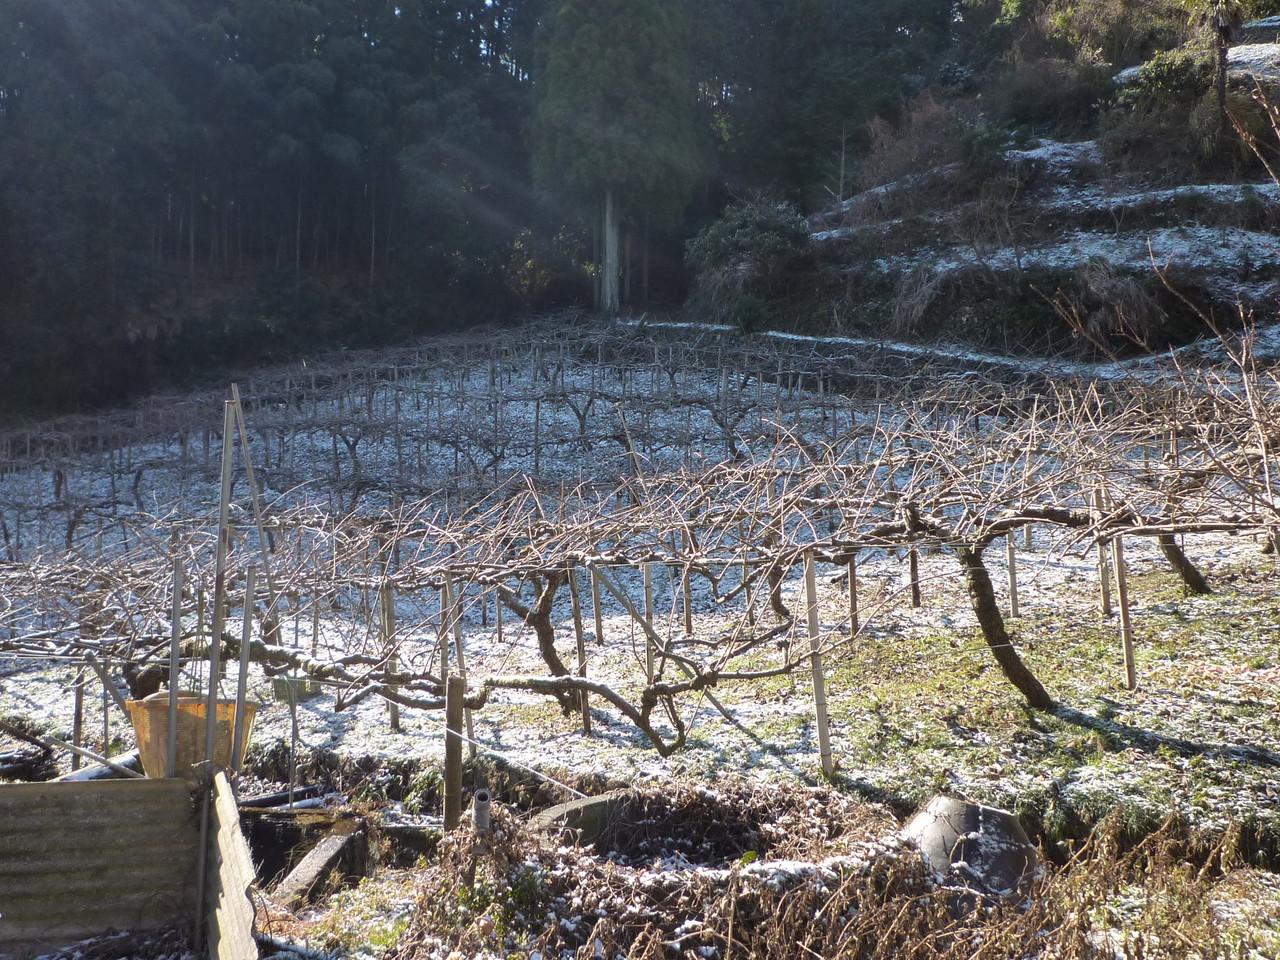 1月、徳島でもまれに雪が積もります。キウイ畑の様子です。